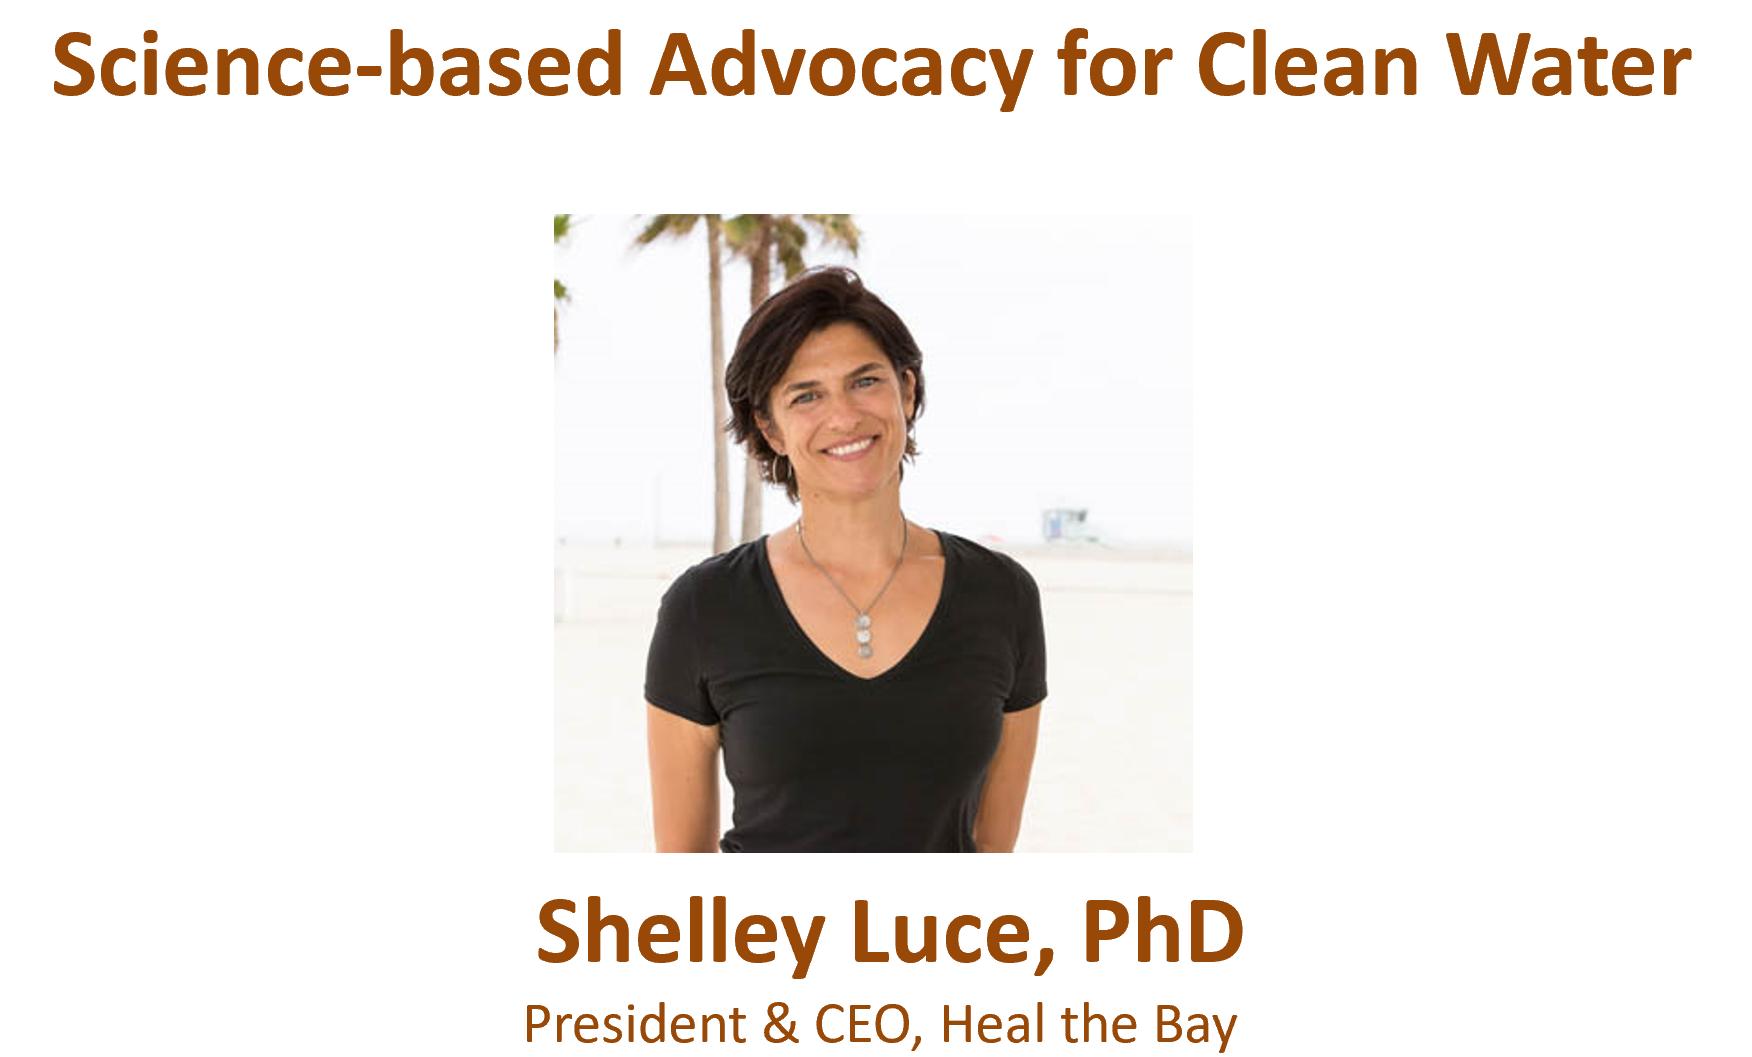 Shelley Luce talk